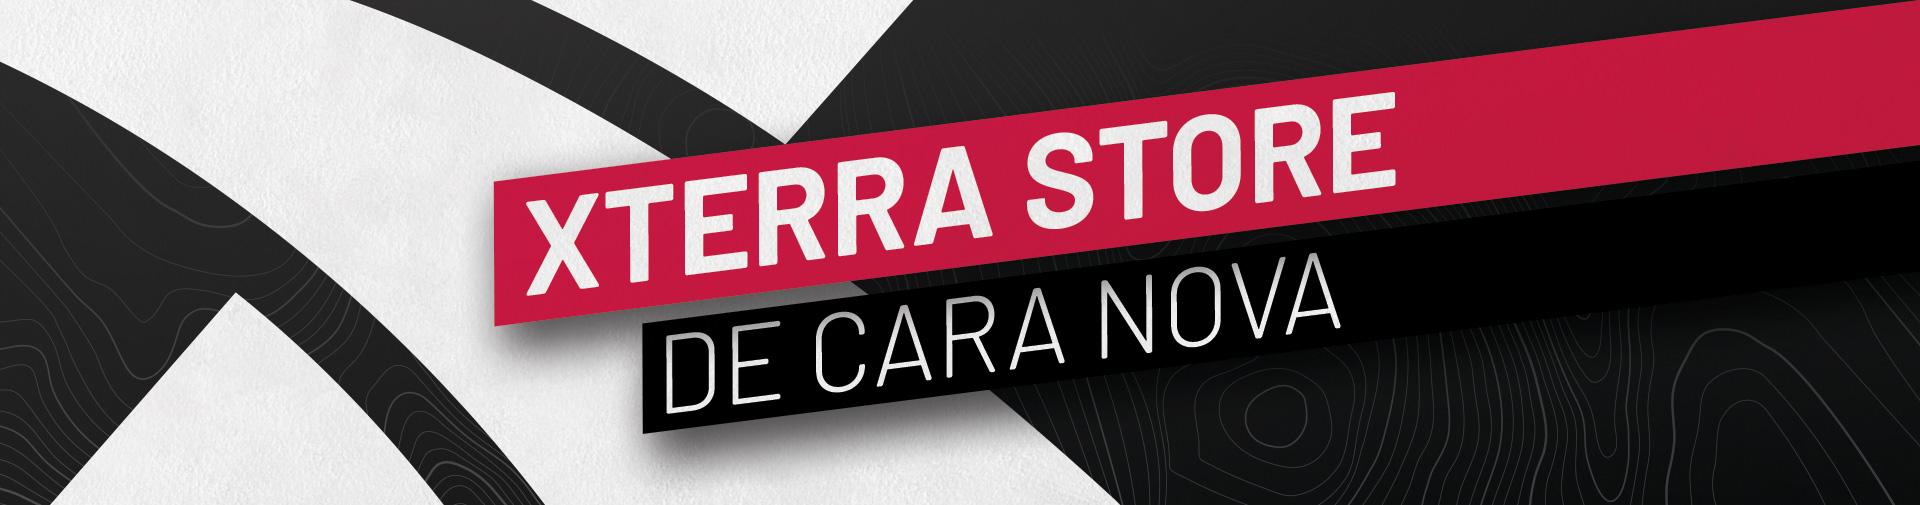 XTERRA STORE DE CARA NOVA